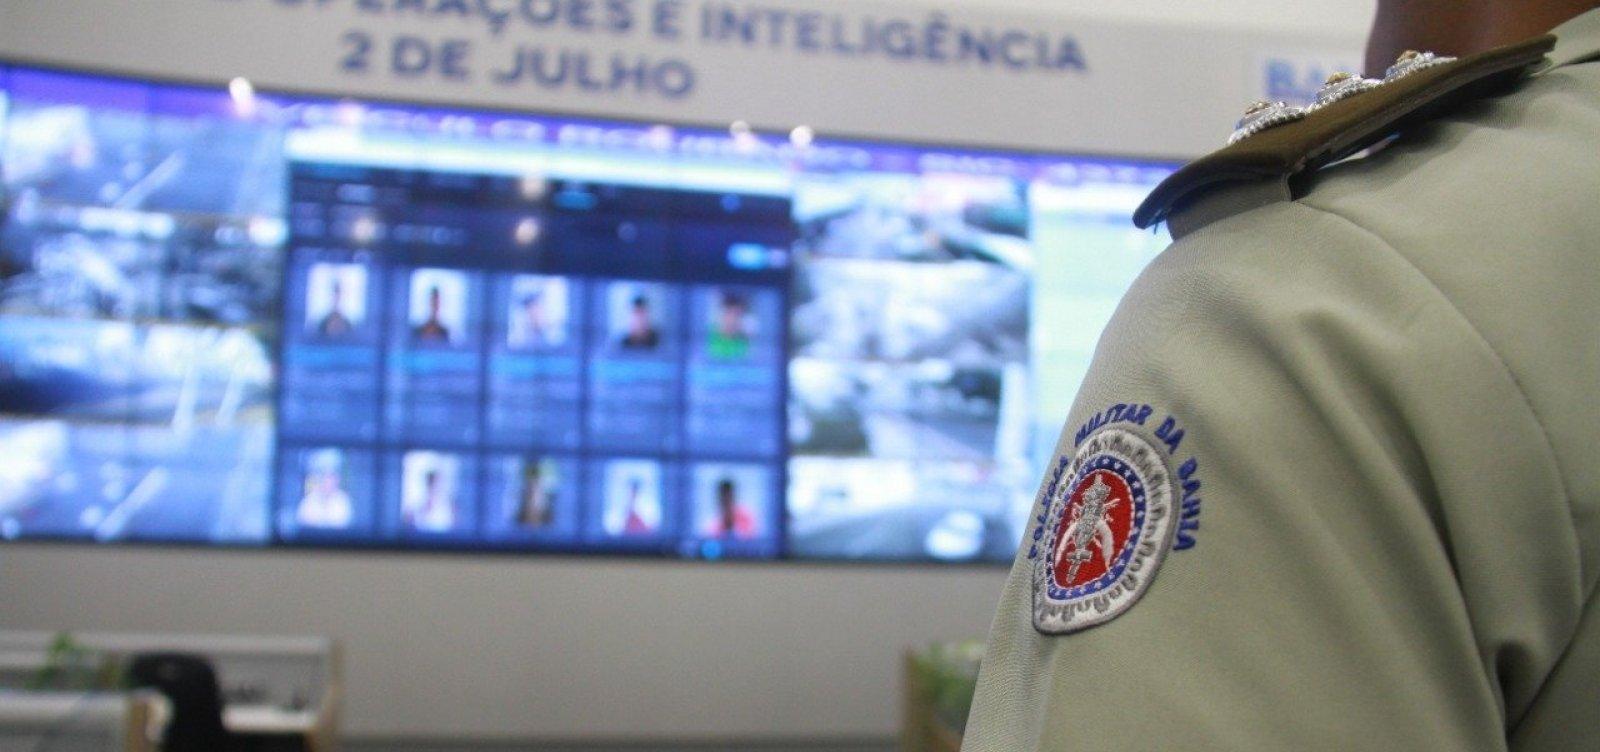 Foragido por roubo é preso após ser flagrado por câmera de reconhecimento facial